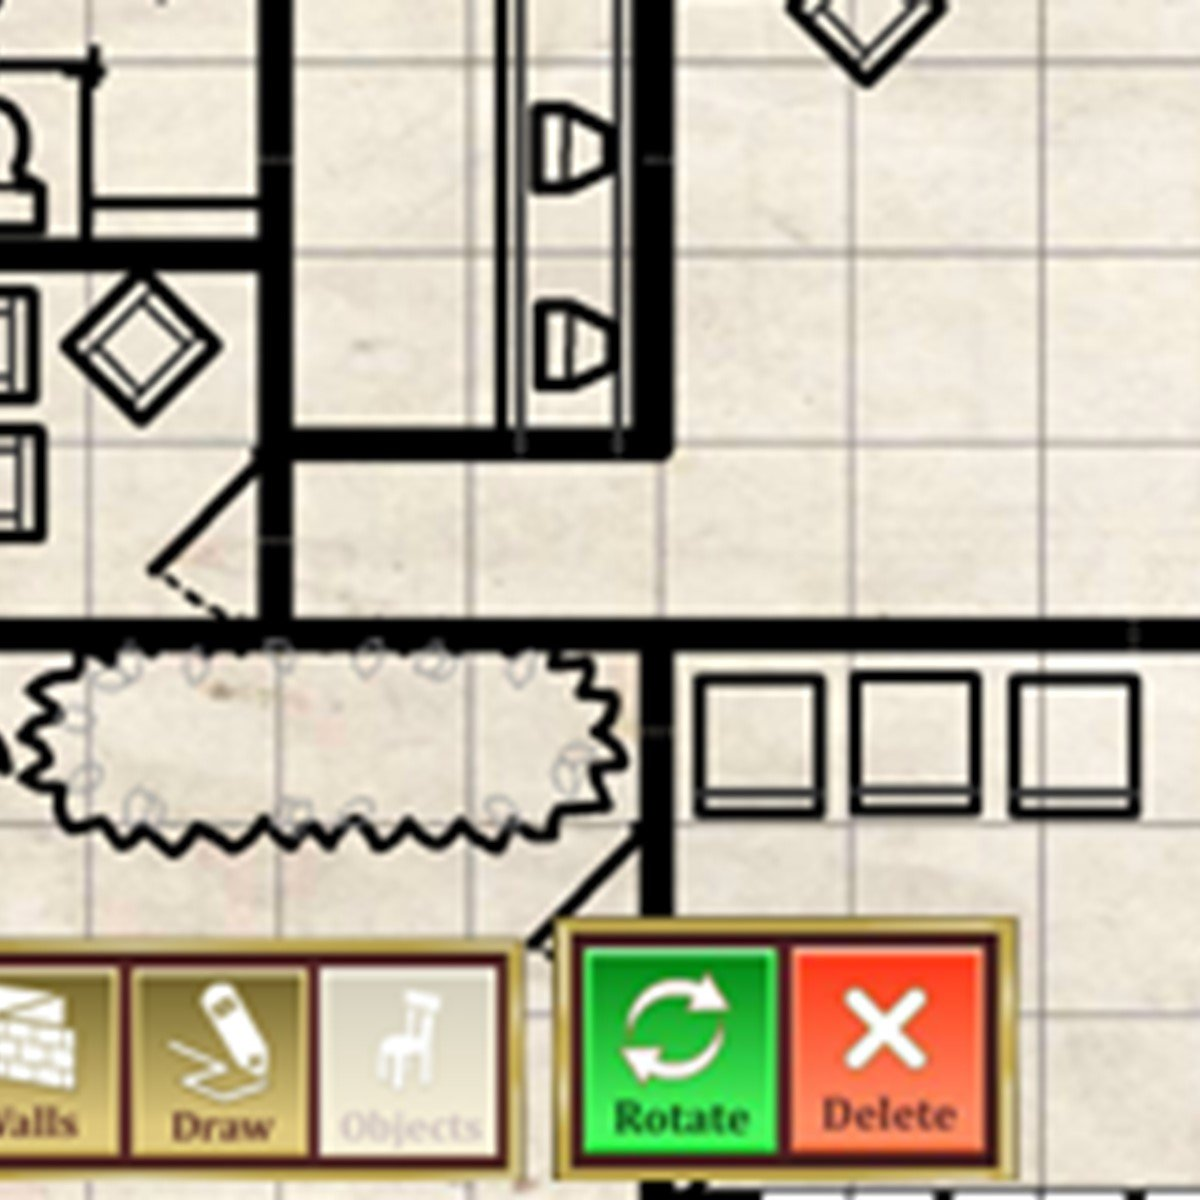 Hex Grid Map Maker